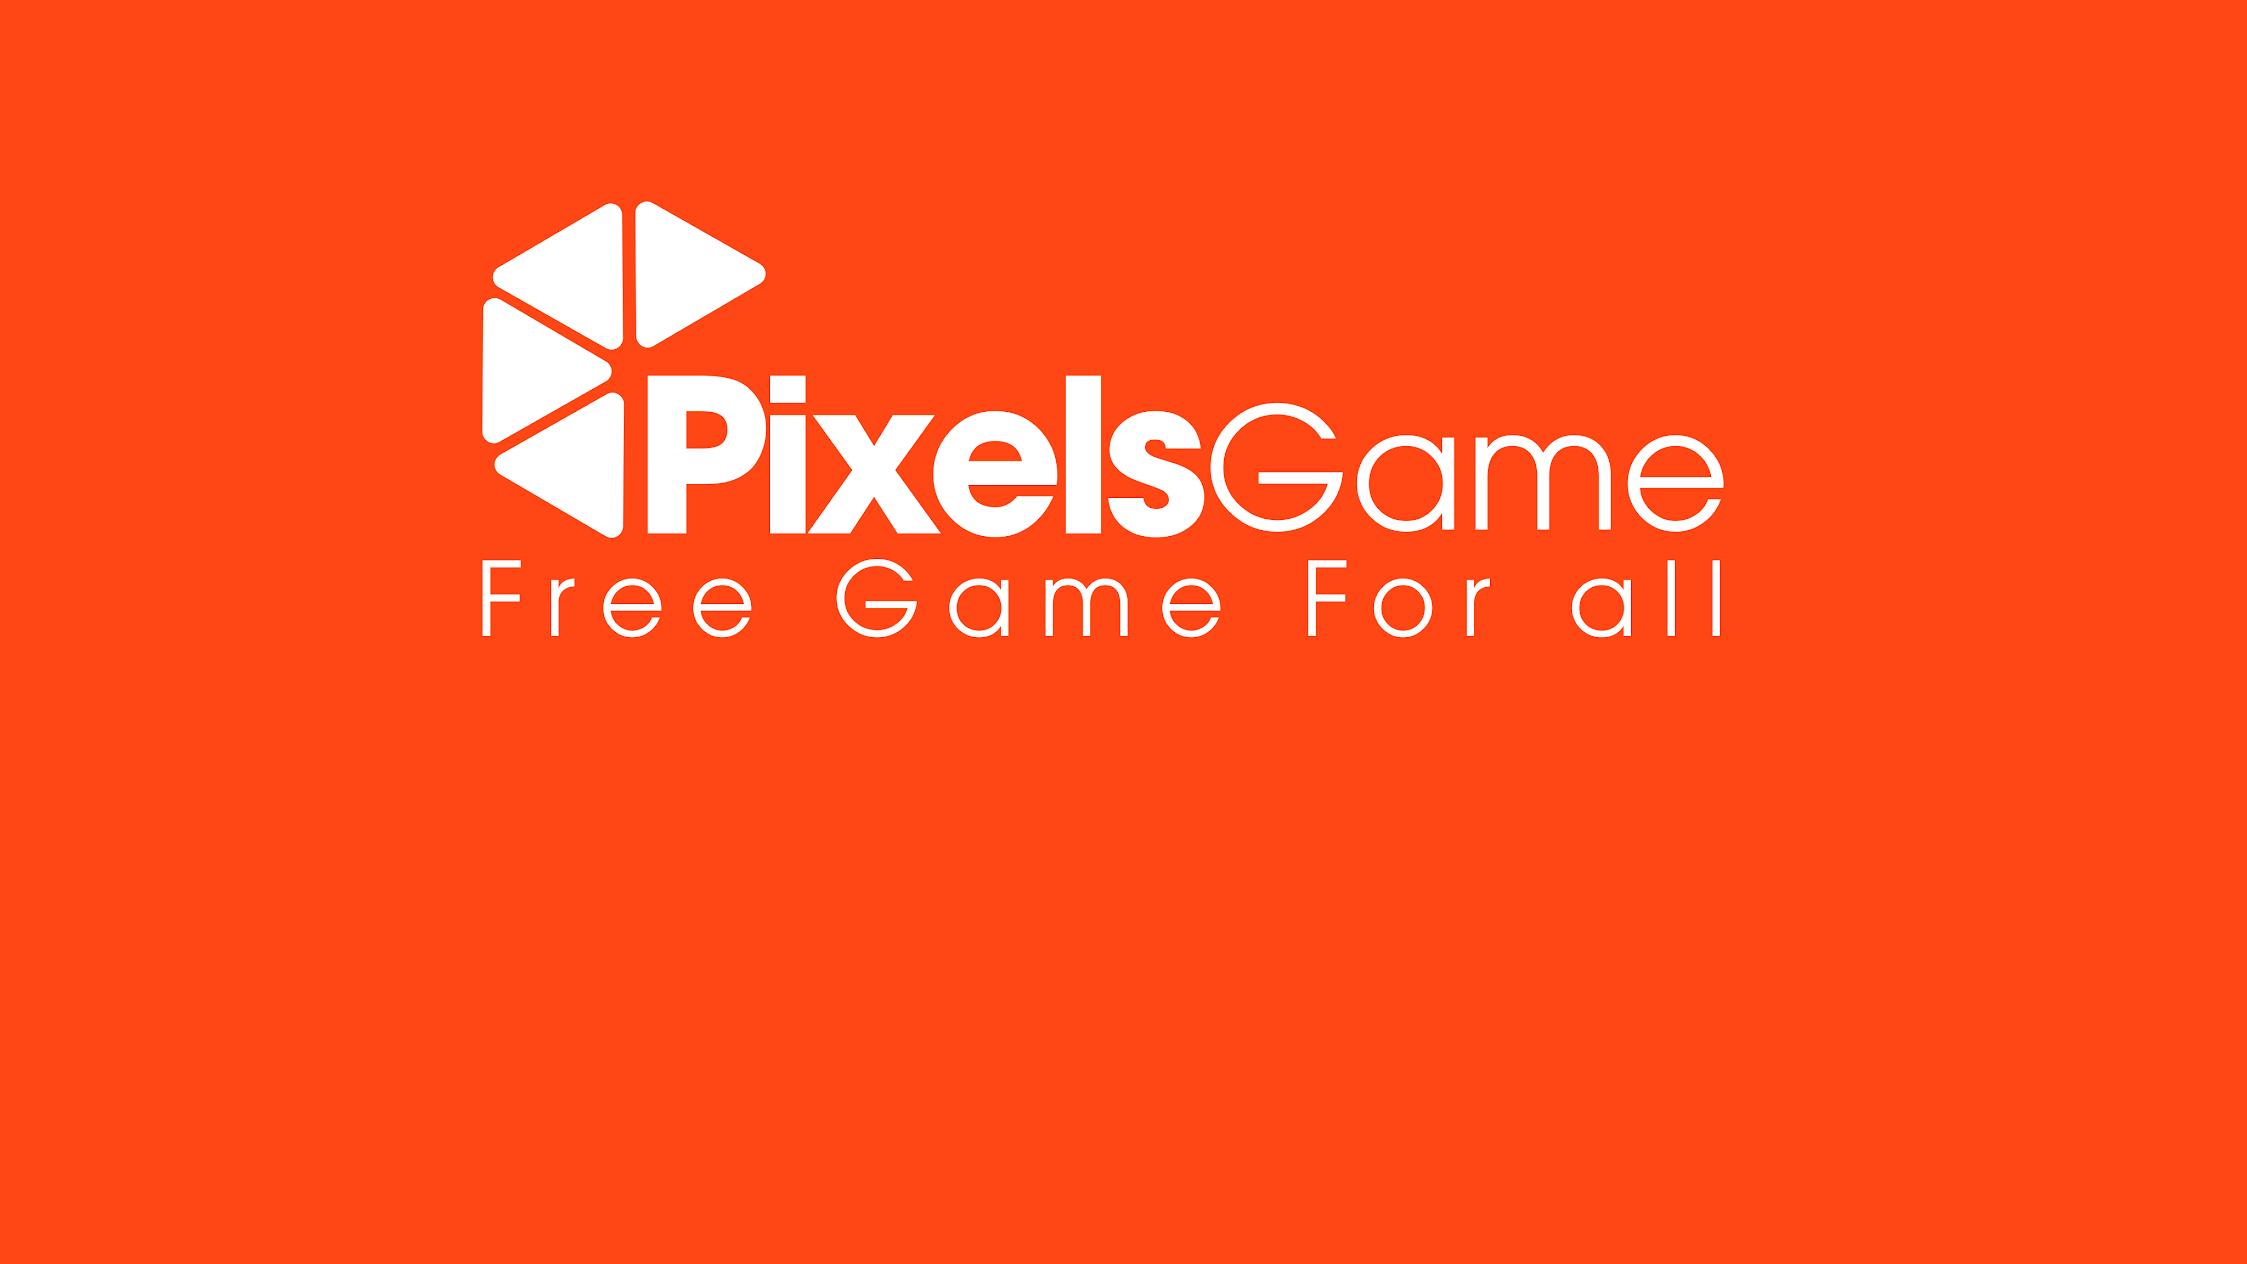 PixelsGame